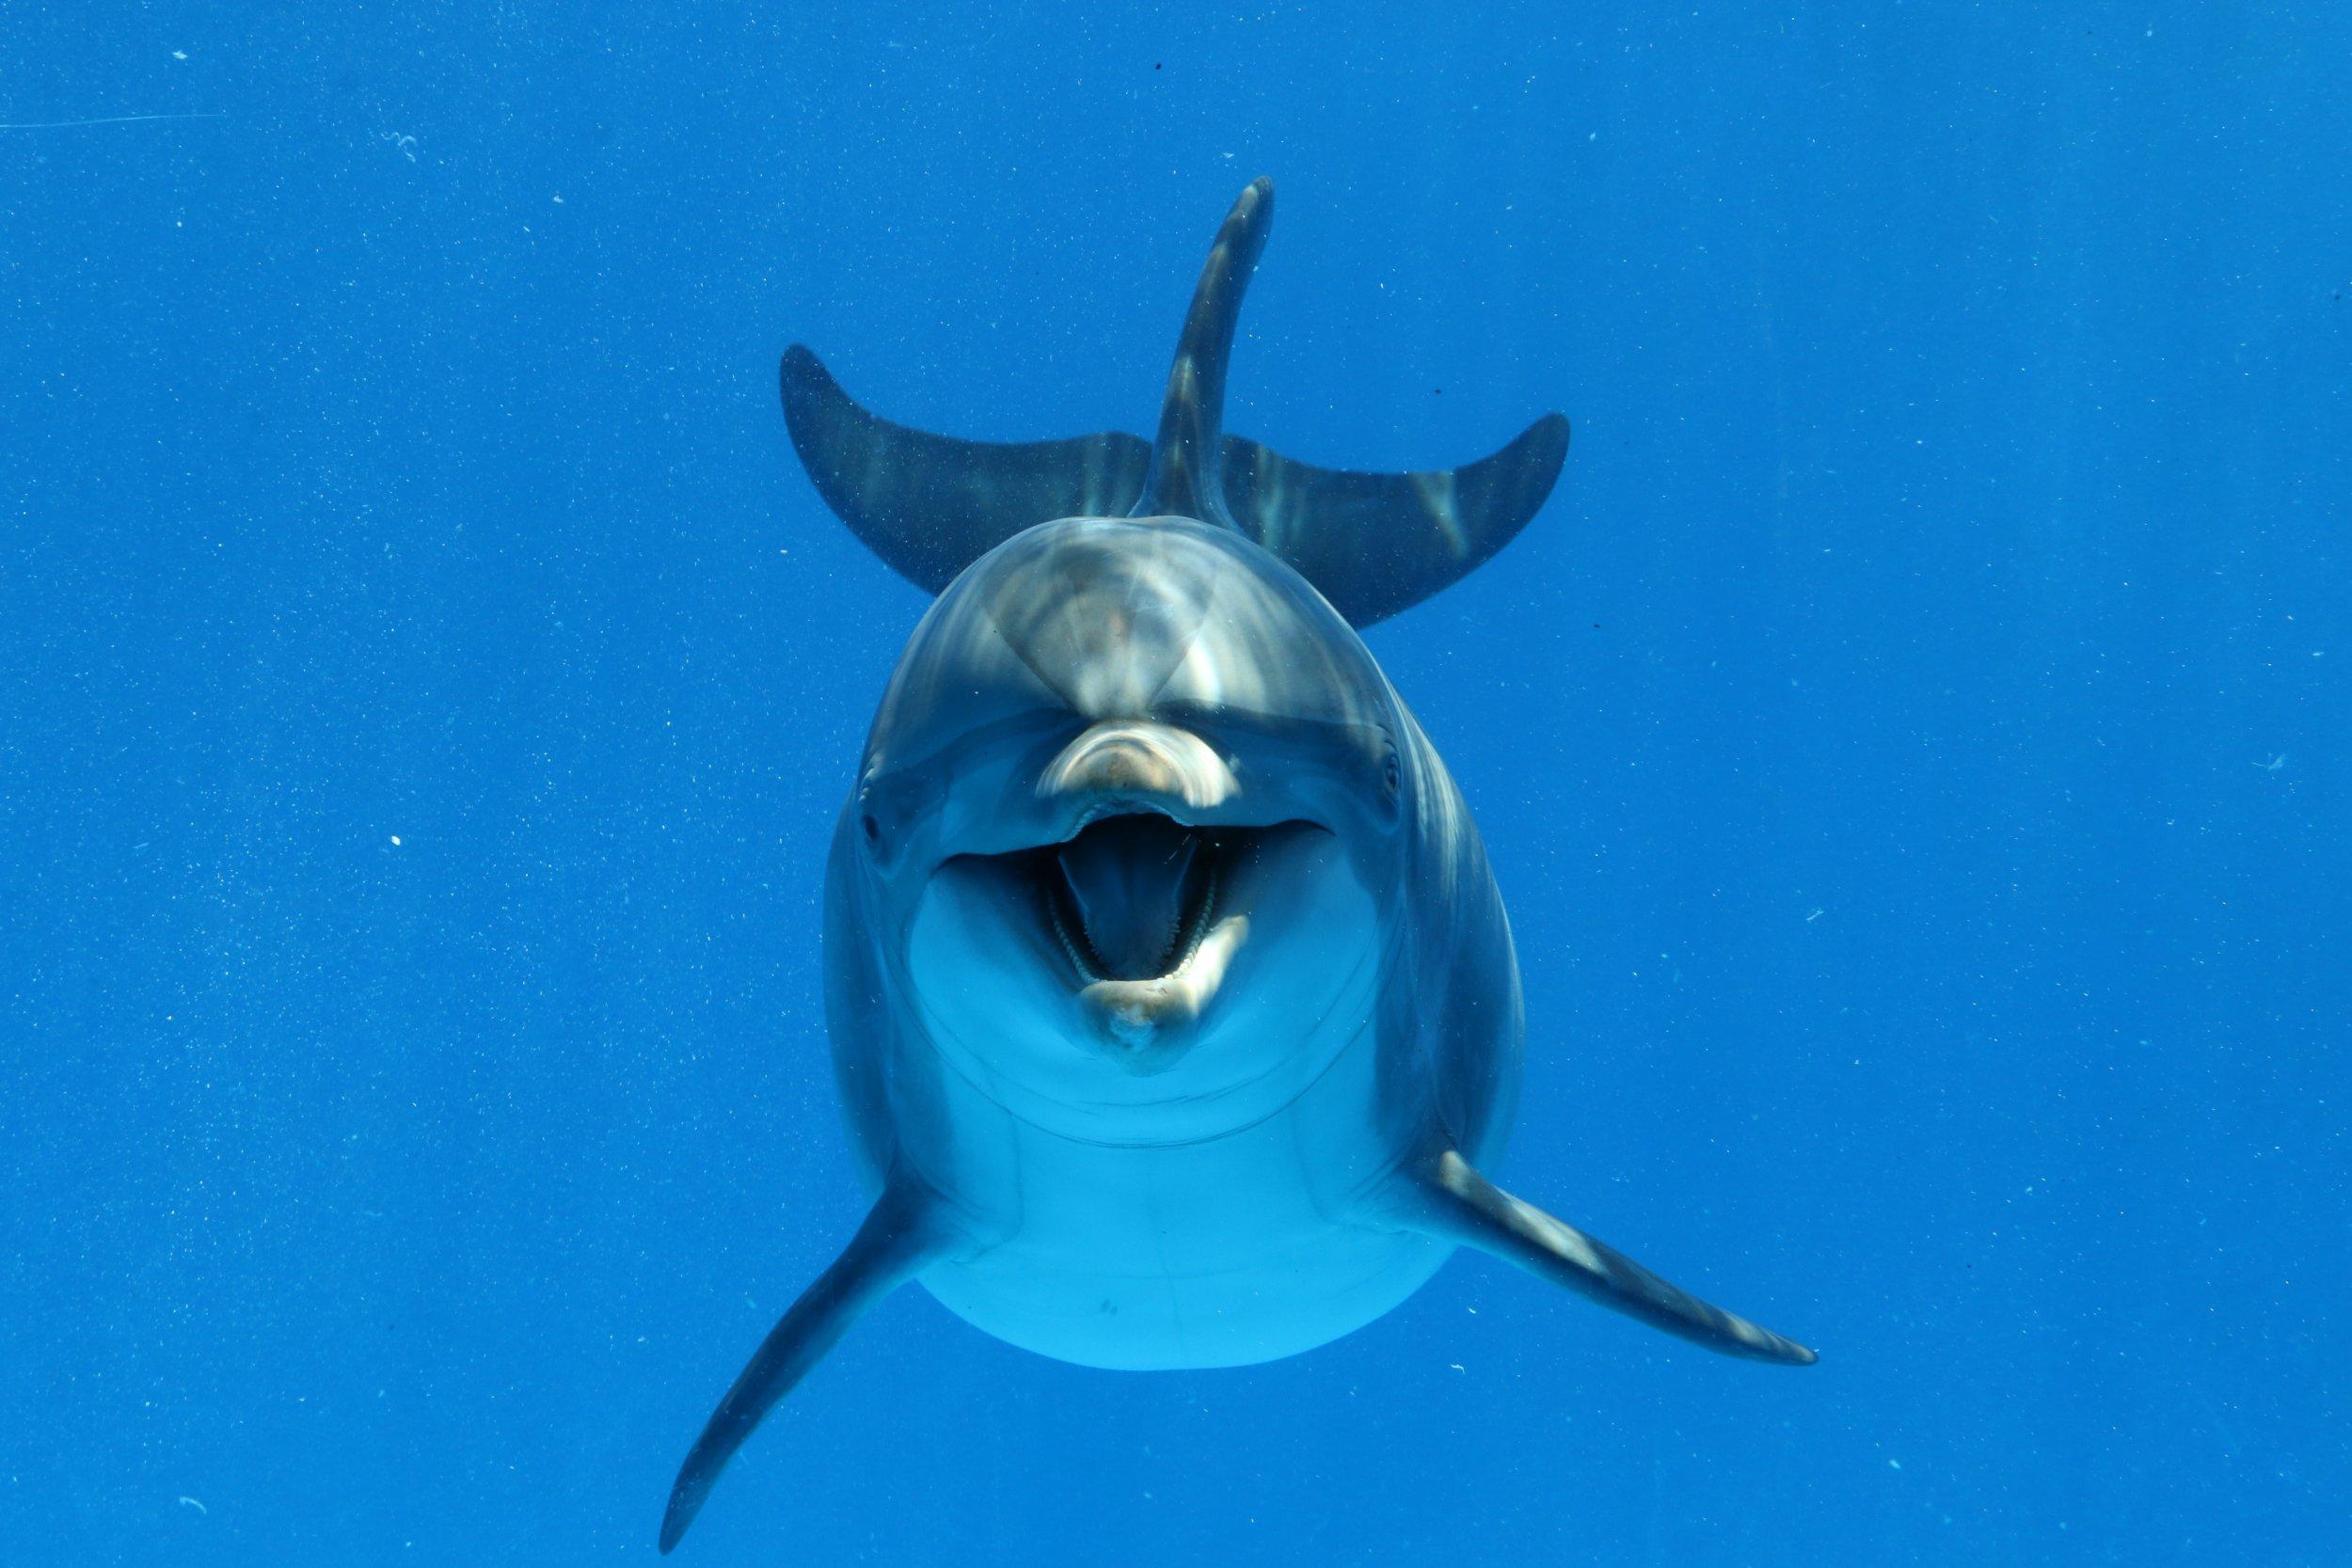 Υπέροχες εικόνες από την Κεφαλονιά: Δελφίνι κολύμπησε δίπλα σε λουόμενους (βίντεο)